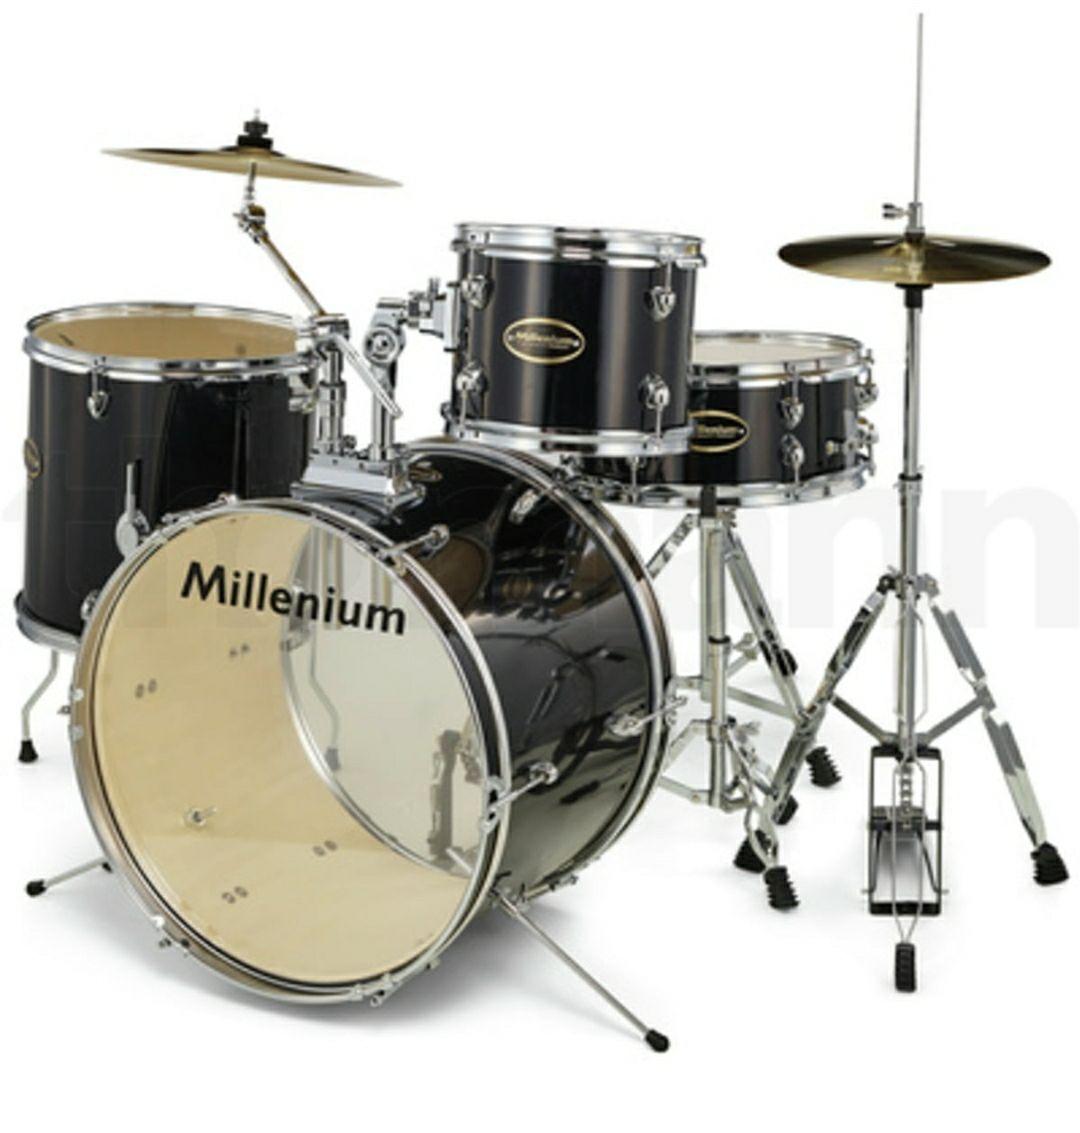 Batterie complète Millenium MX120 Starter Drumset pour débutants